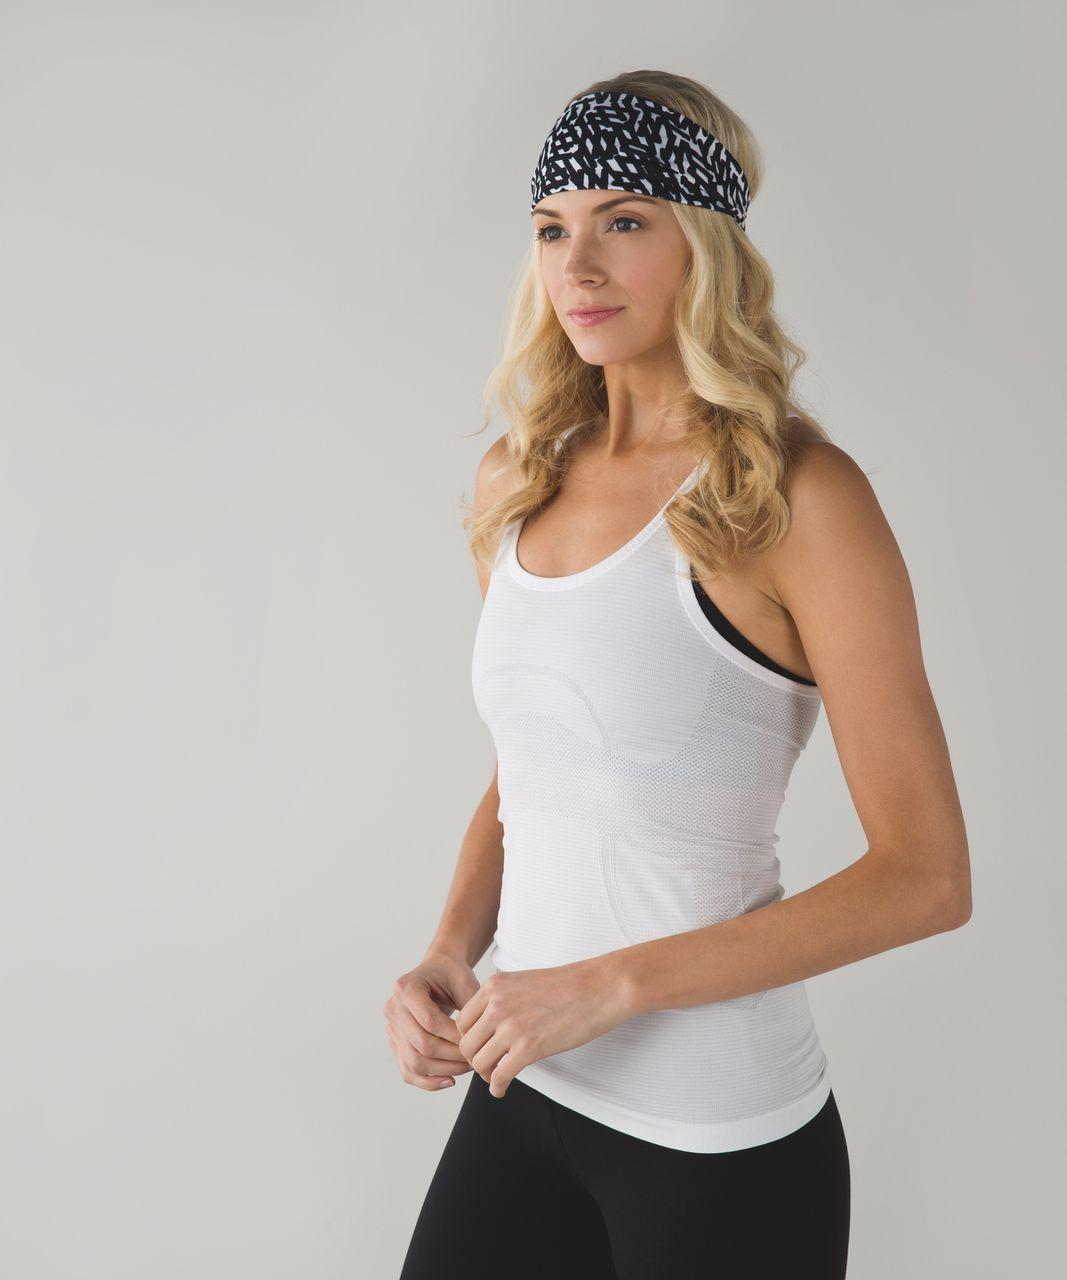 Lululemon Fringe Fighter Headband - Net Pop White Black / White